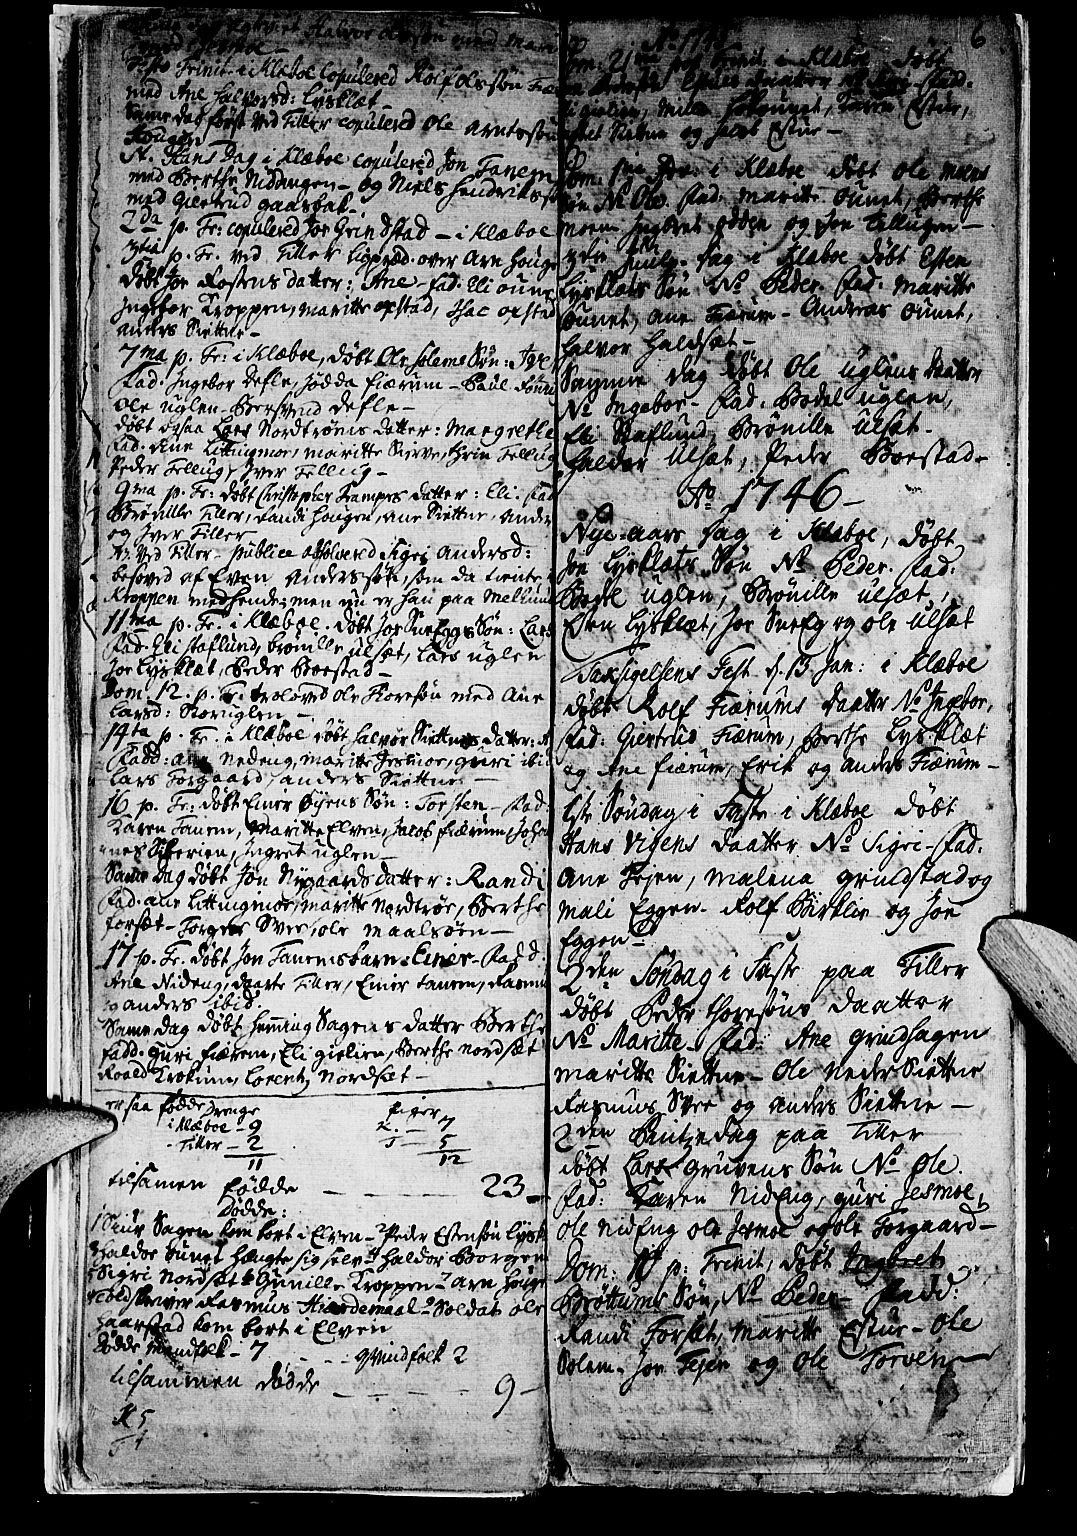 SAT, Ministerialprotokoller, klokkerbøker og fødselsregistre - Sør-Trøndelag, 618/L0436: Ministerialbok nr. 618A01, 1741-1749, s. 6